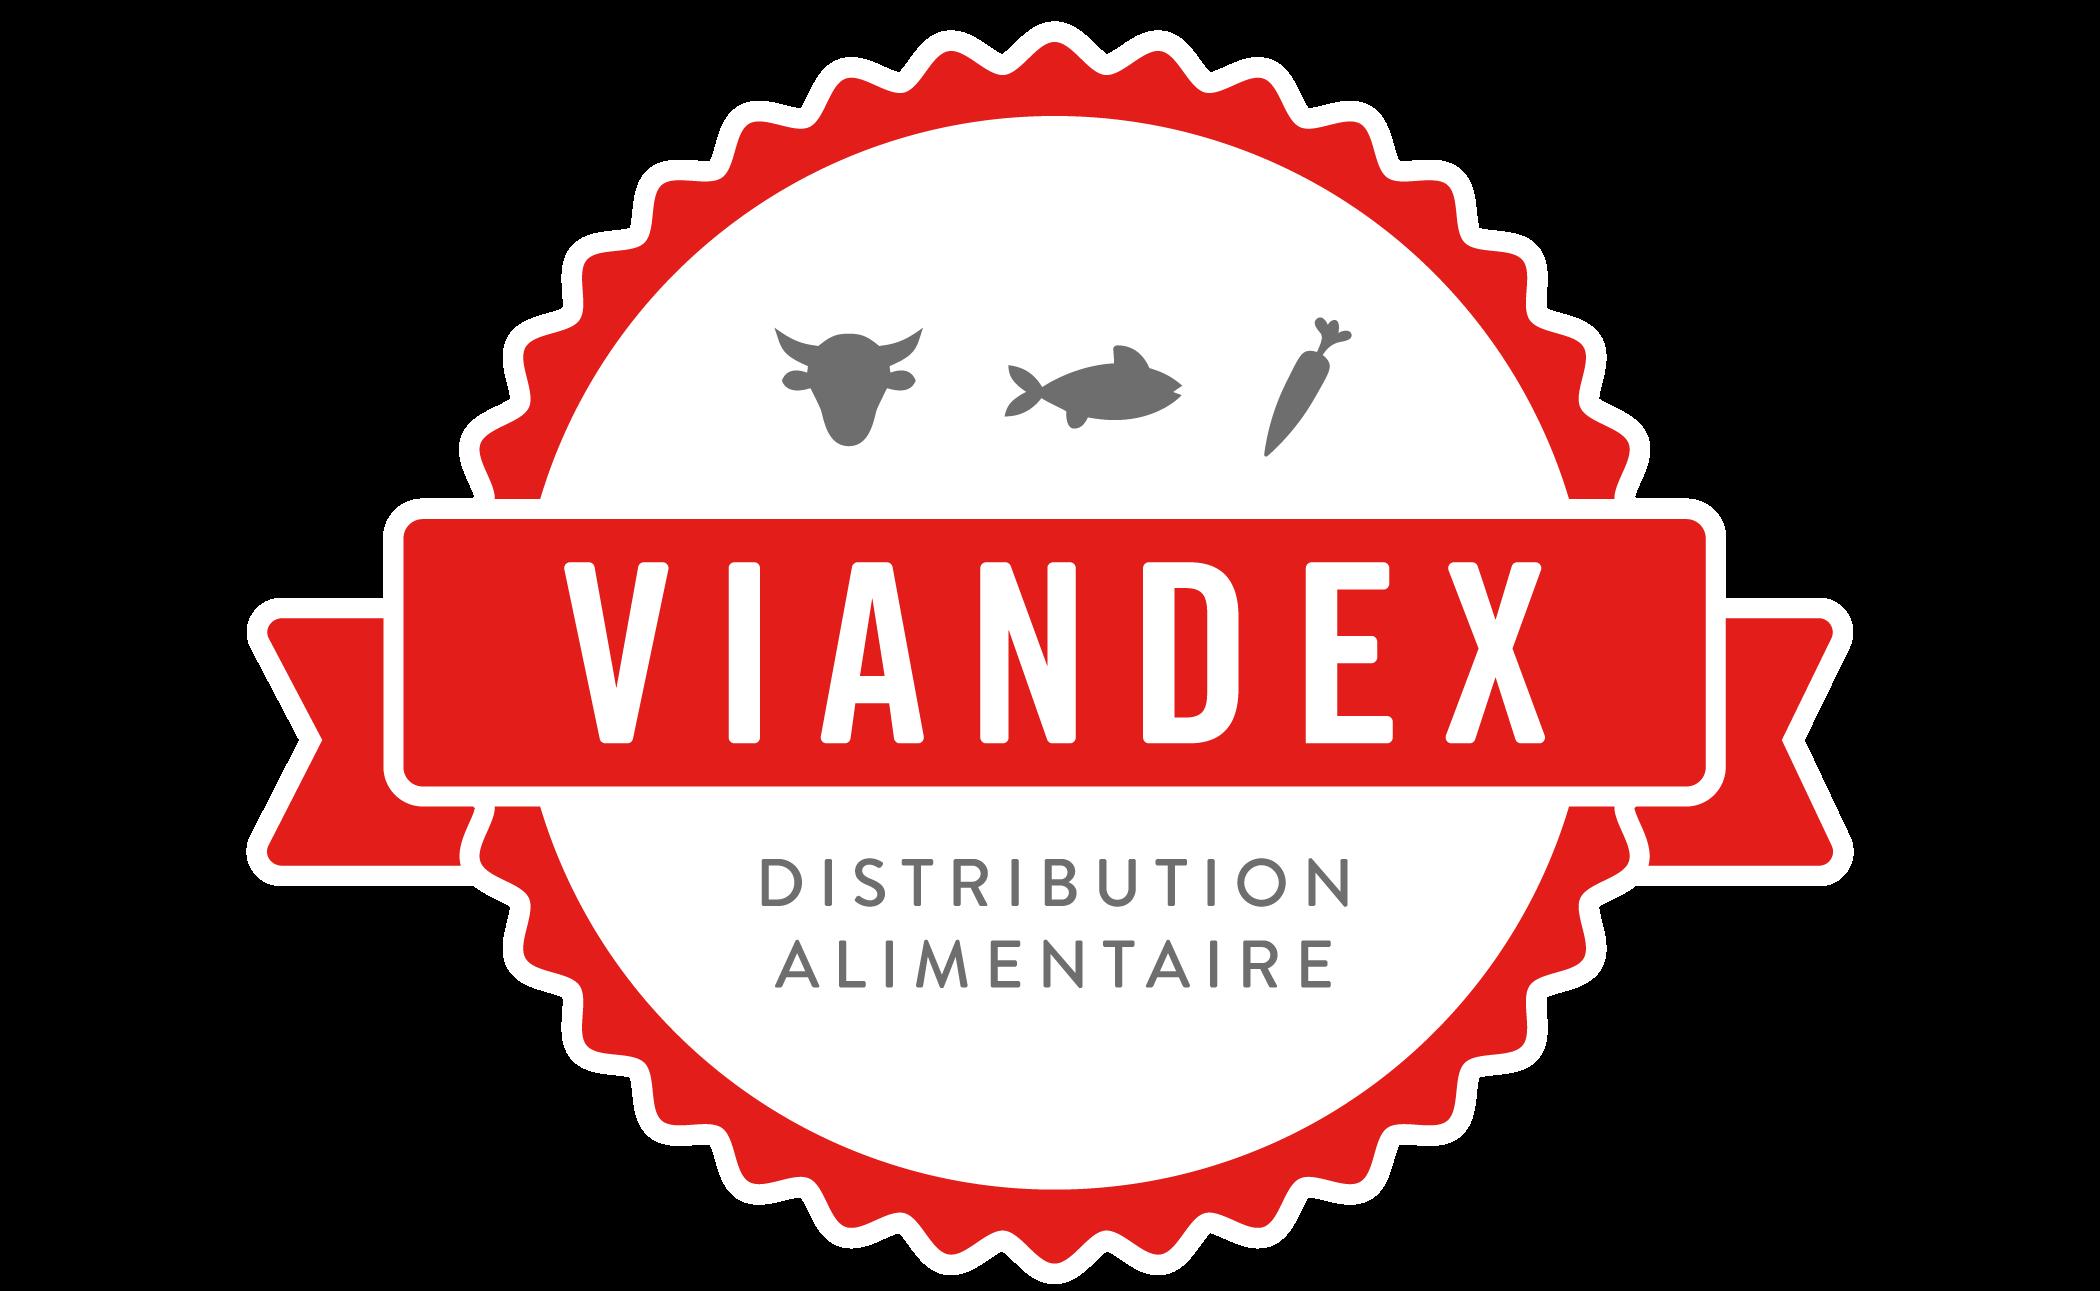 cropped-Viandex_Couleur_RGB-2.png